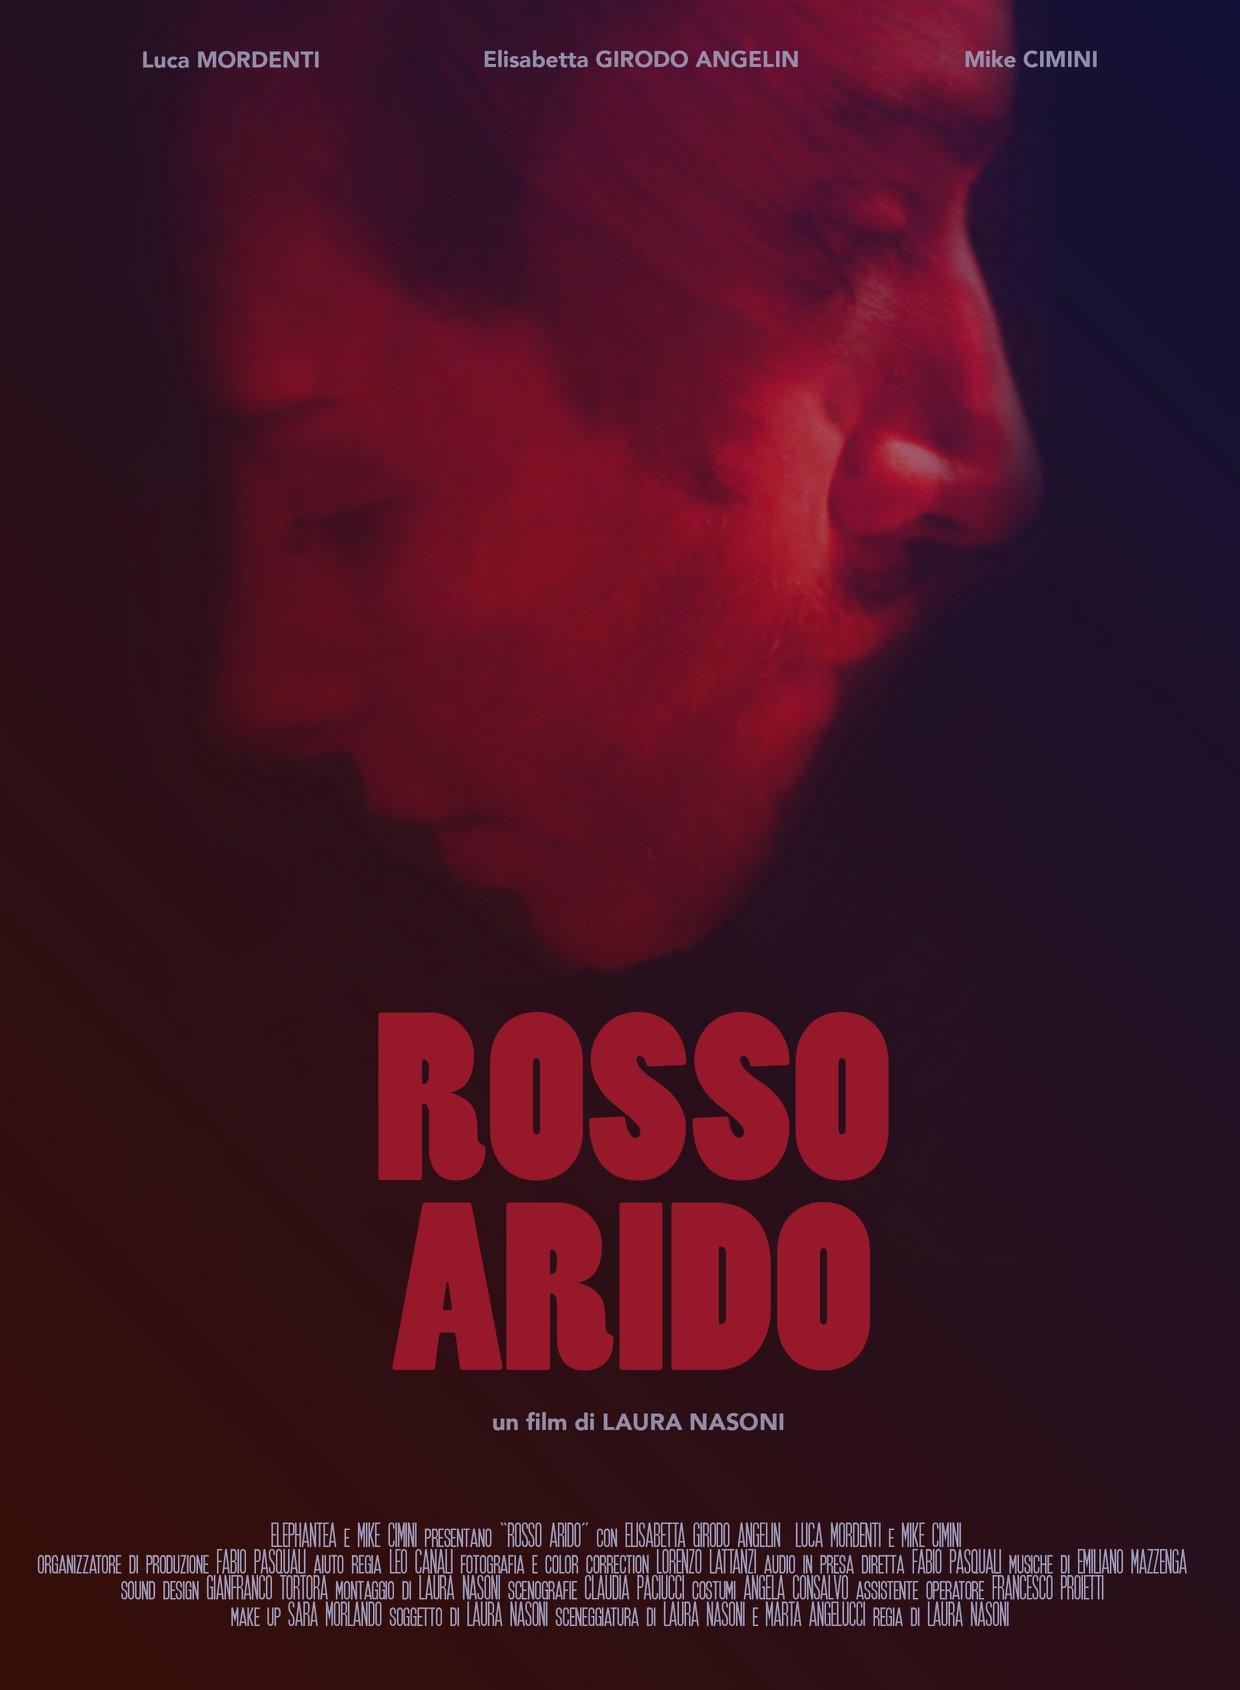 ROSSO ARIDO